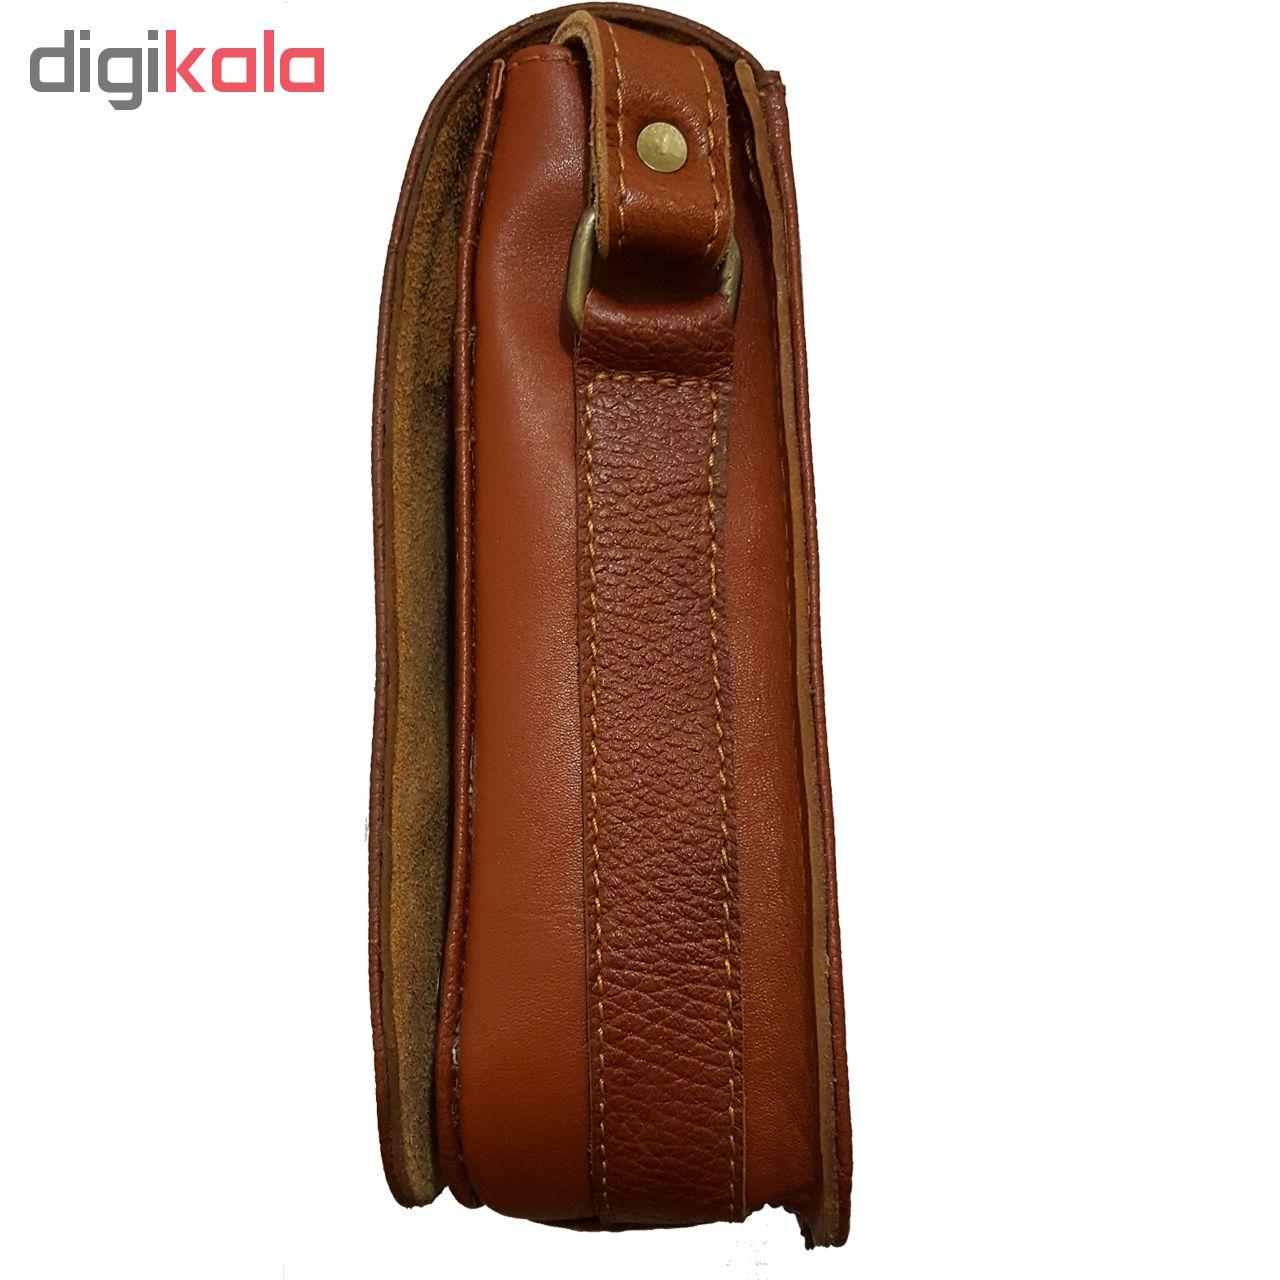 کیف رو دوشی چرم زانکو مدل فلوتر KD-120988 main 1 3